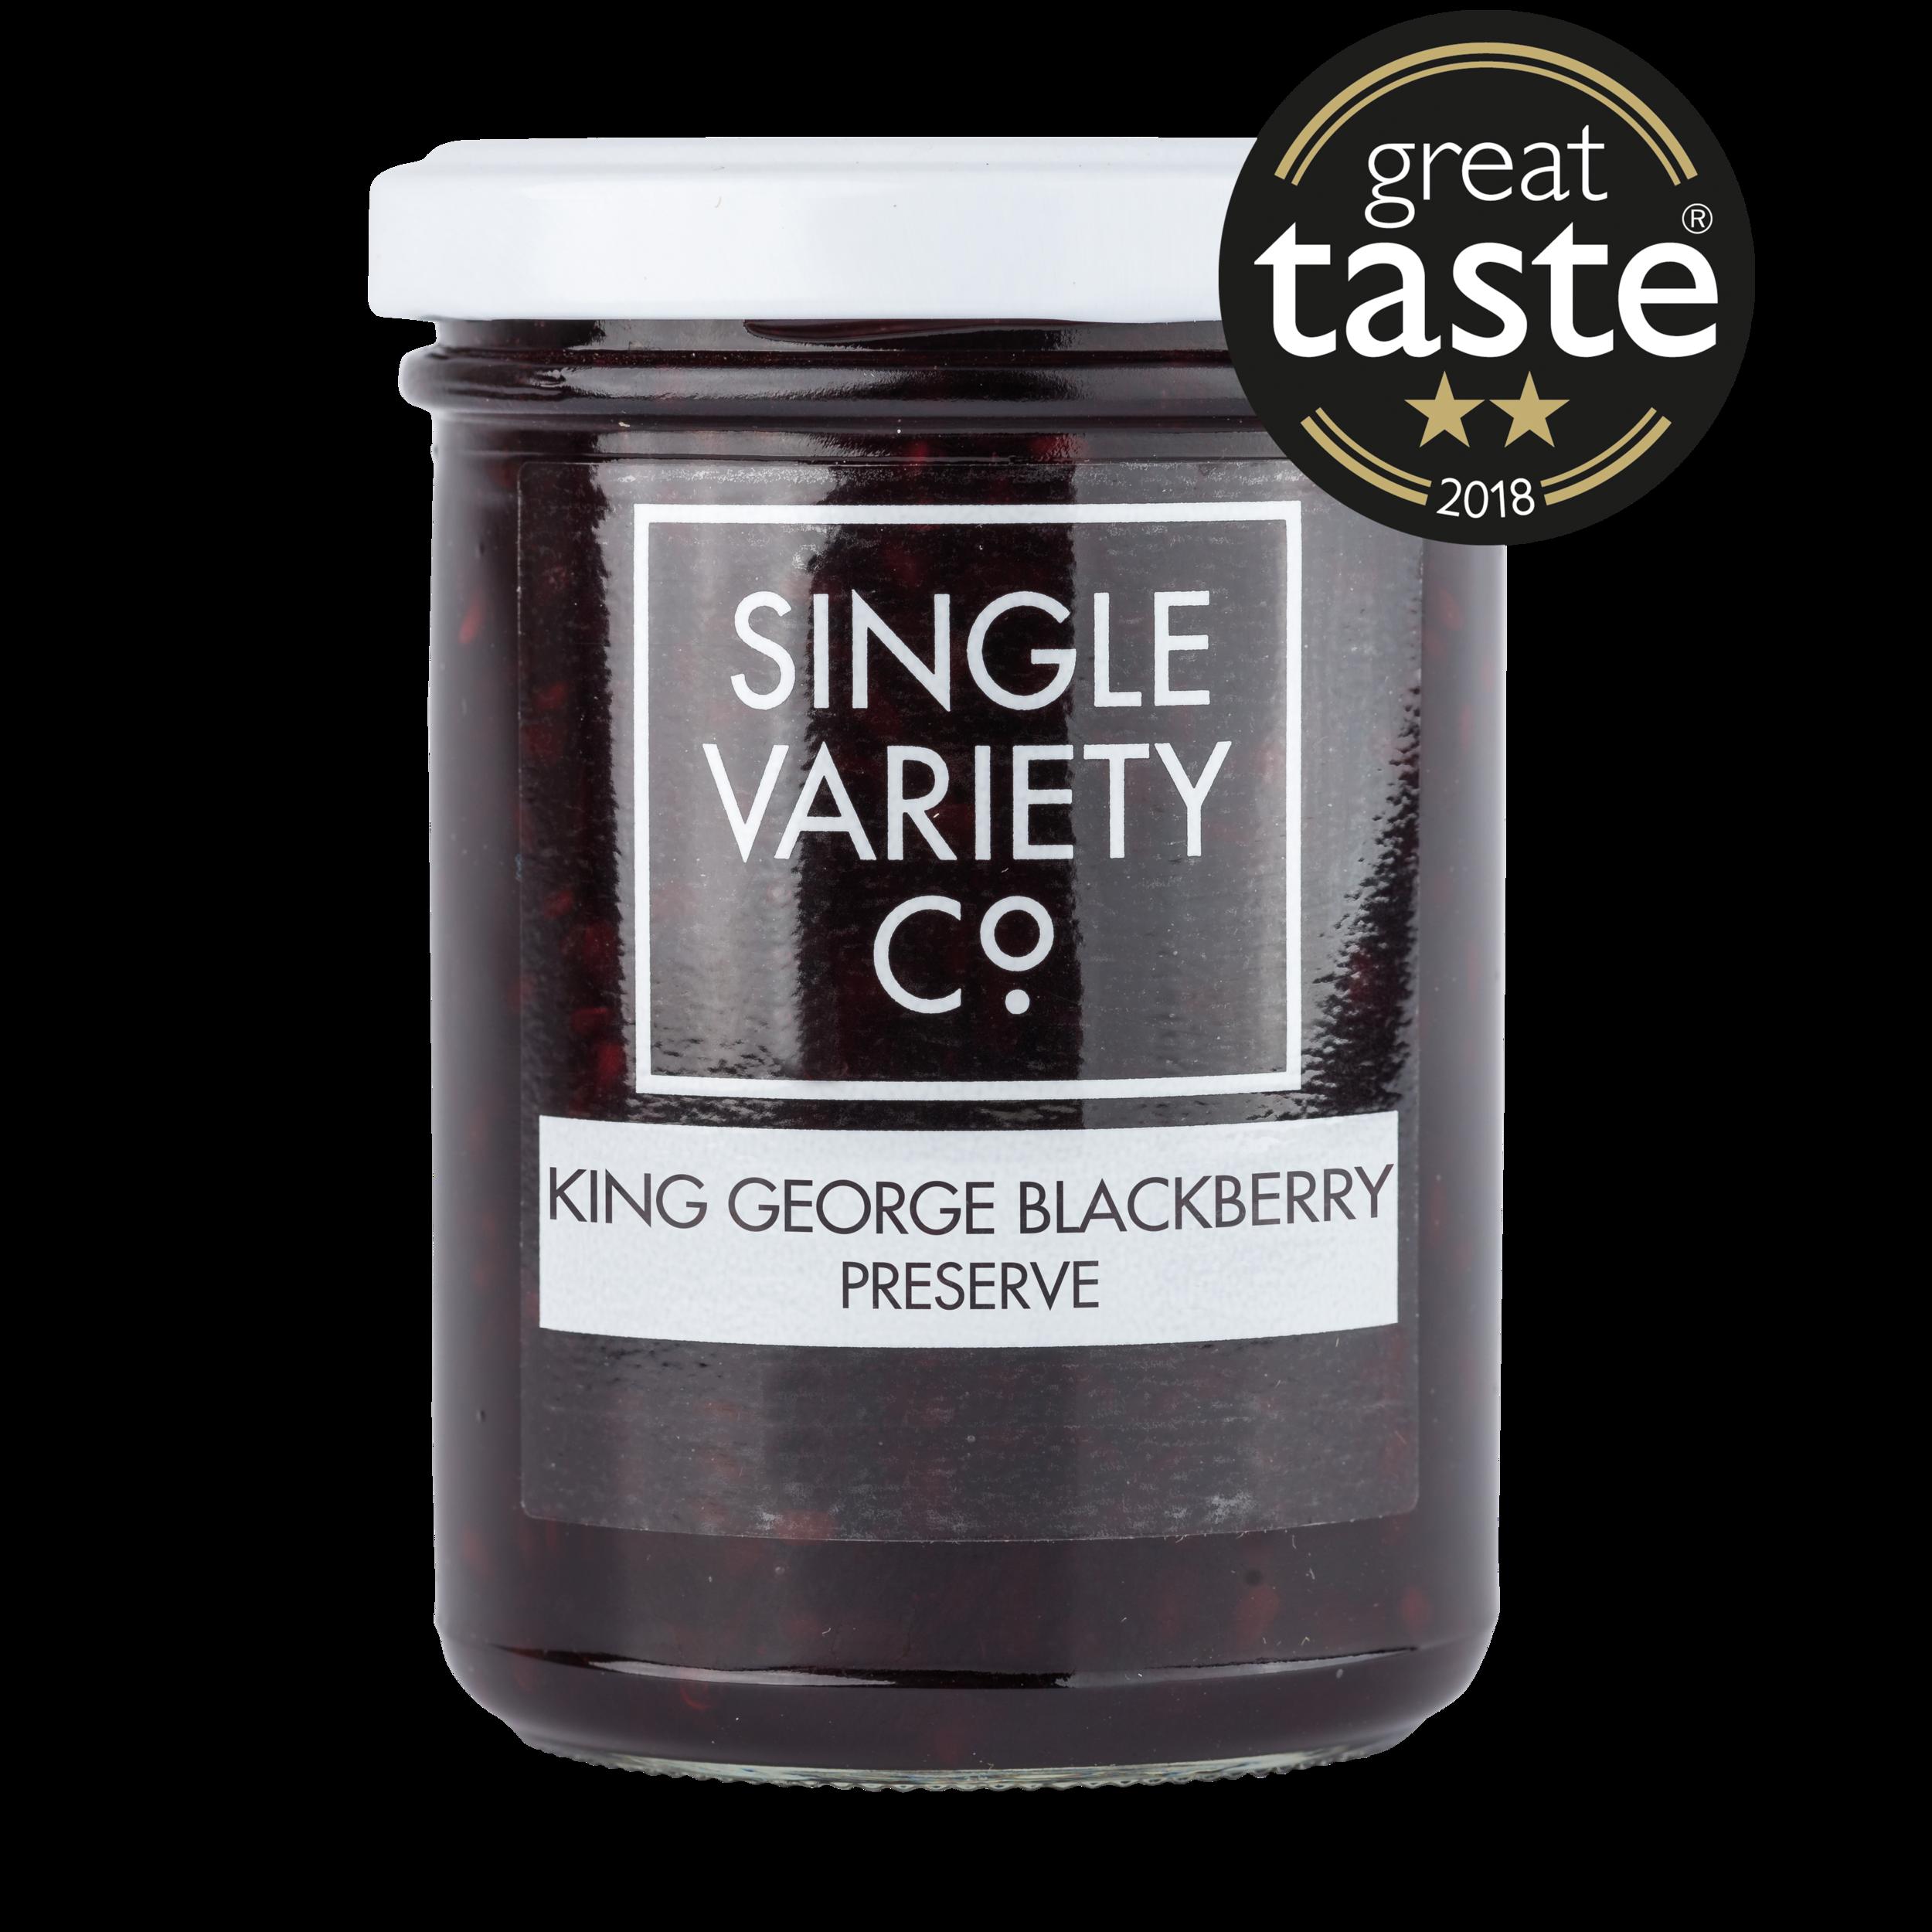 KingGeorgeBlackberry